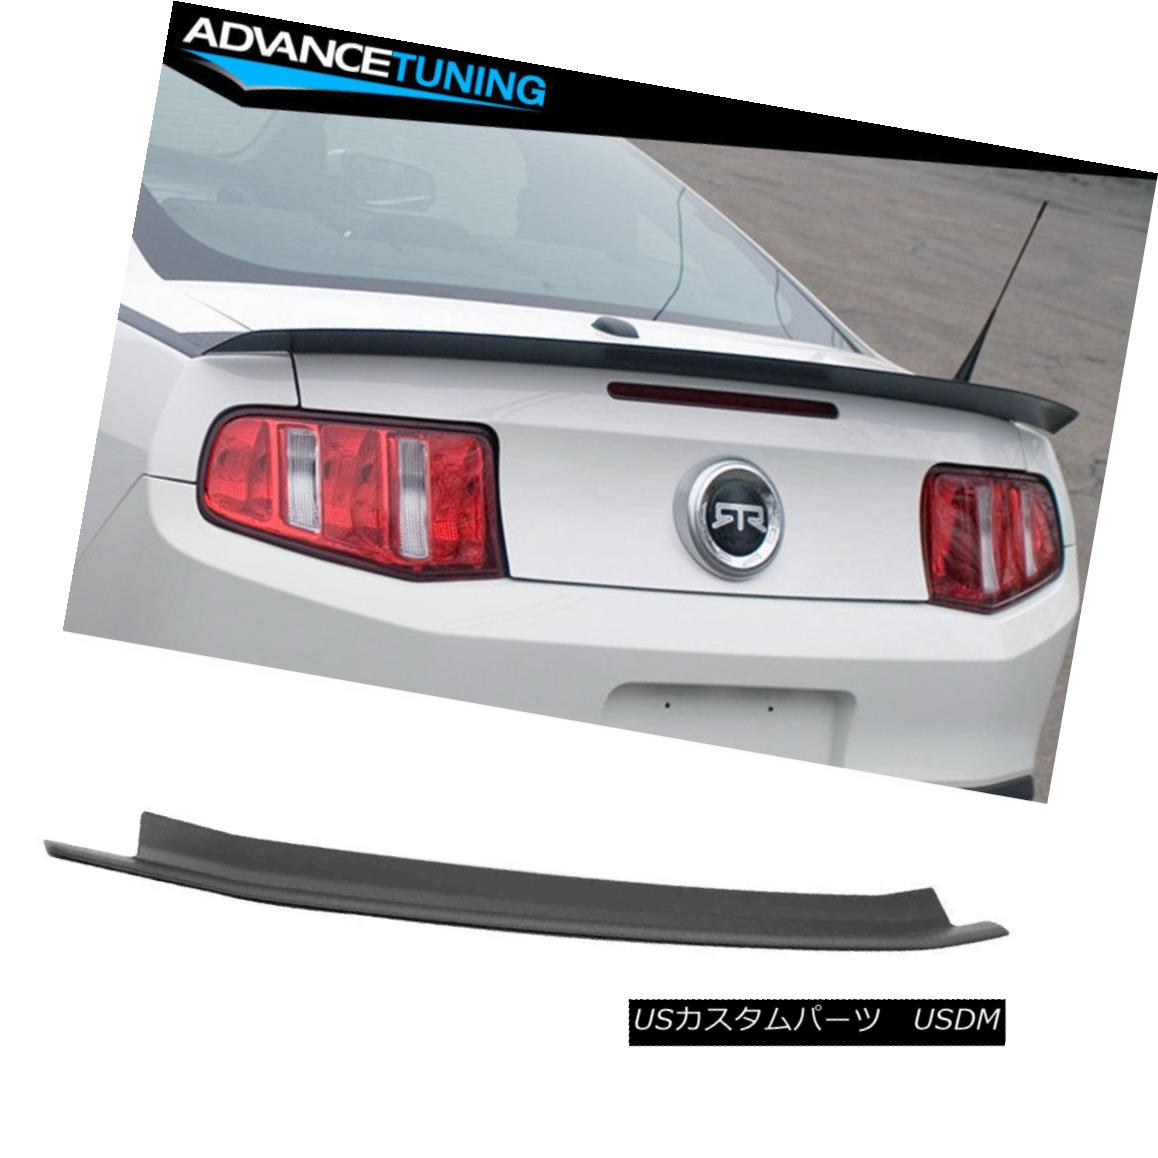 エアロパーツ 10-14 Ford Mustang ABS Trunk Spoiler OEM Painted Color Matte Black 10-14フォードマスタングABSトランクスポイラーOEM塗装カラーマットブラック